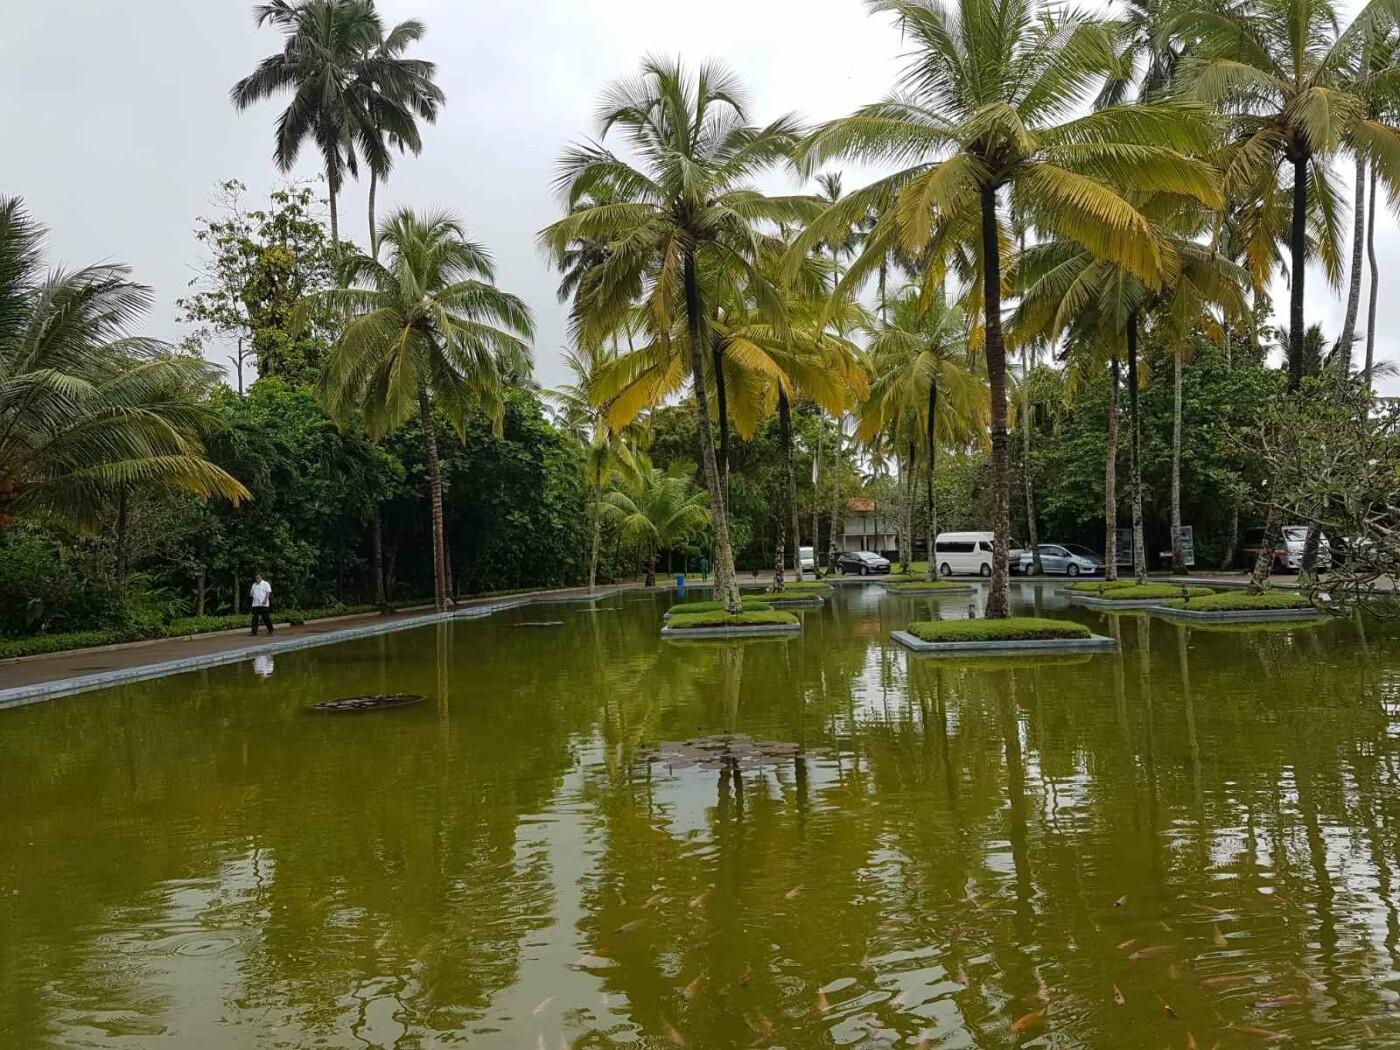 Турагентство «Vиктория» приглашает лозовчан отдохнуть в незабываемой Шри-Ланке и посетить Рождественскую сказку в Яремче, фото-3